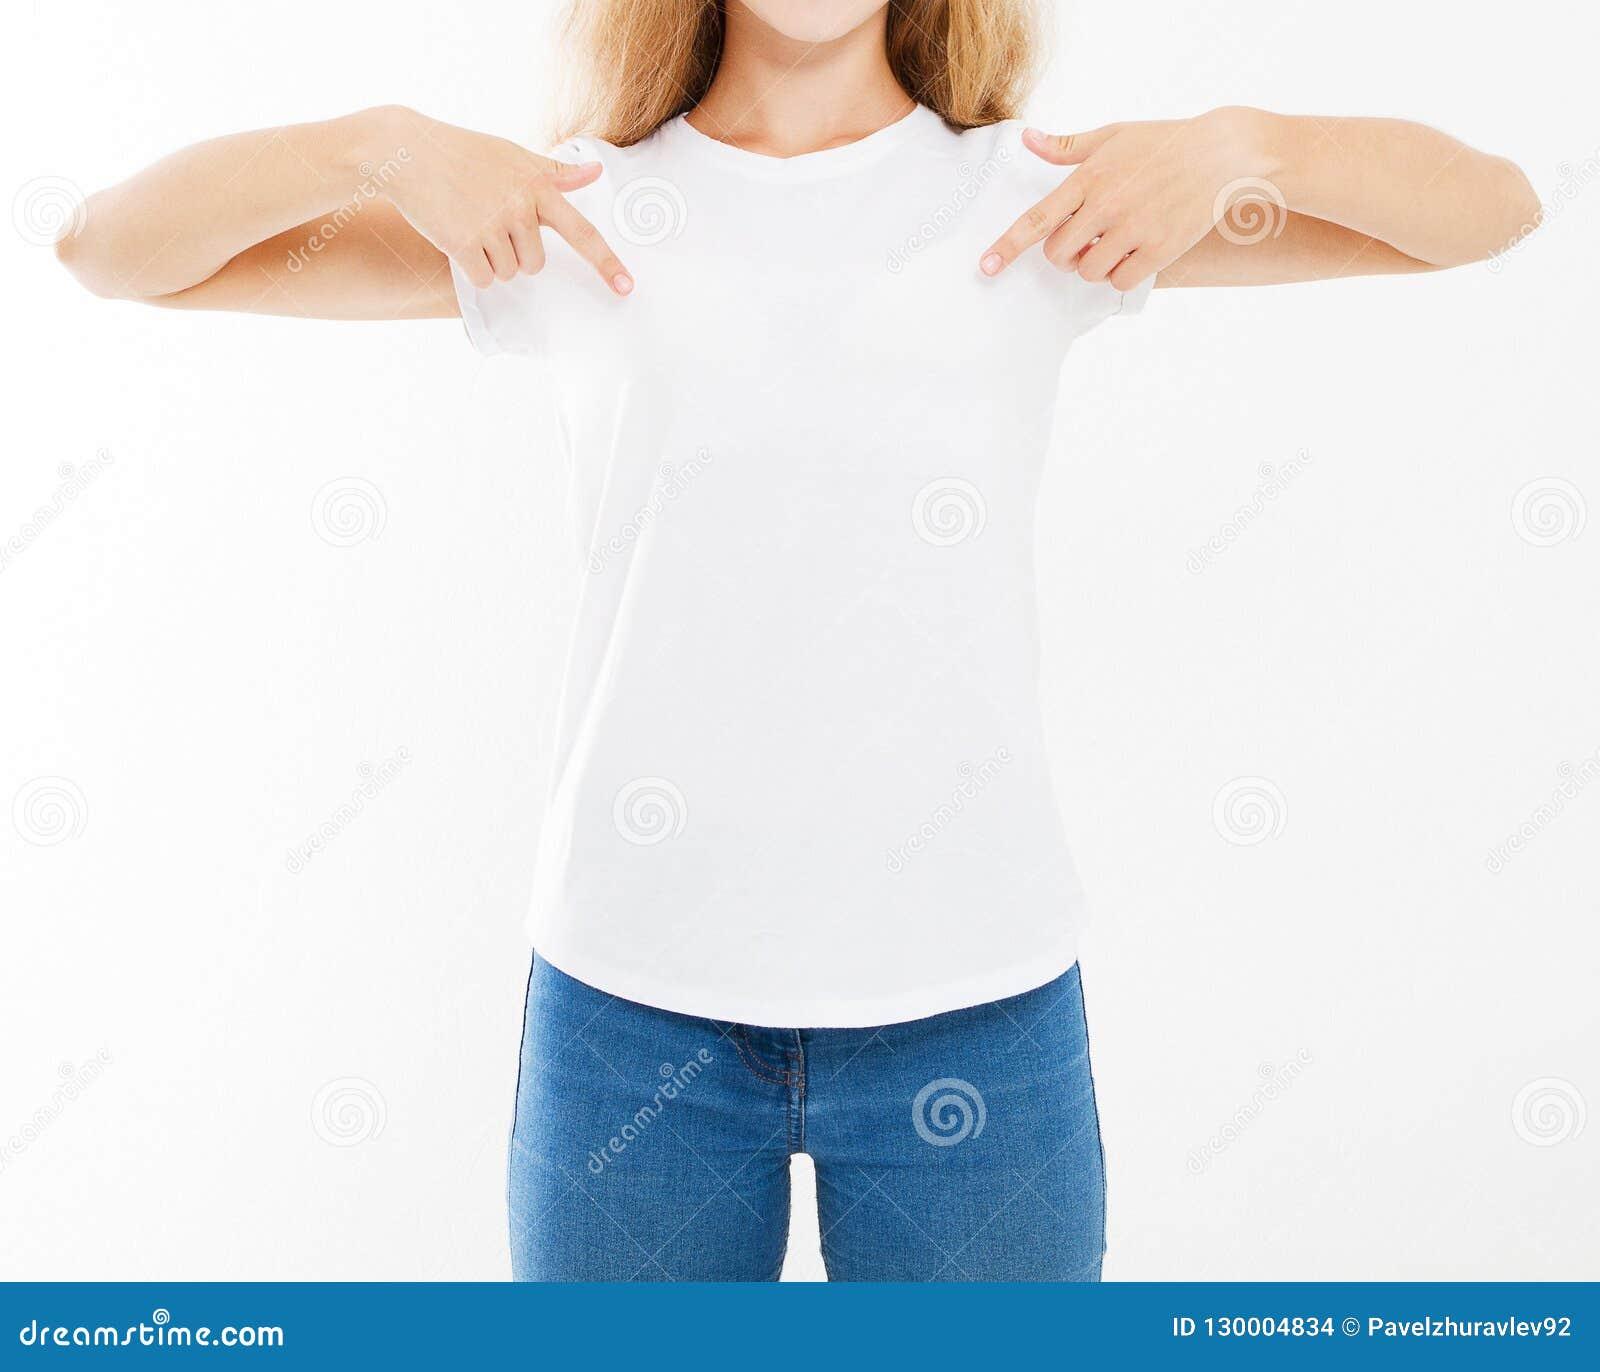 Καλλιεργημένη προκλητική γυναίκα πορτρέτου στην άσπρη μπλούζα που απομονώνεται στο άσπρο υπόβαθρο, χλεύη επάνω για το desigh